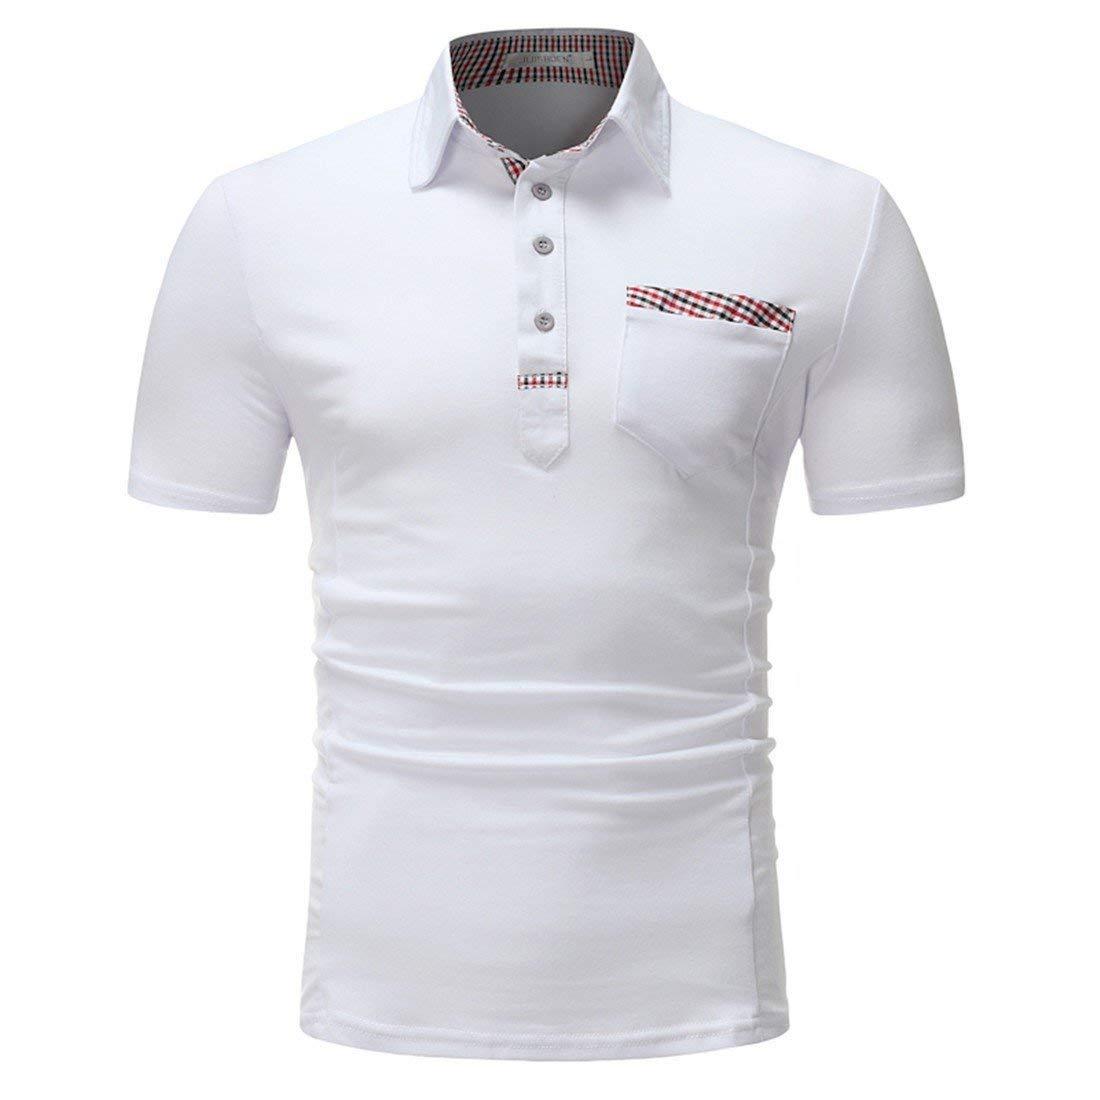 Camiseta De Hombre/De Polo De Polo/Solapa Moda De Joven Verano ...